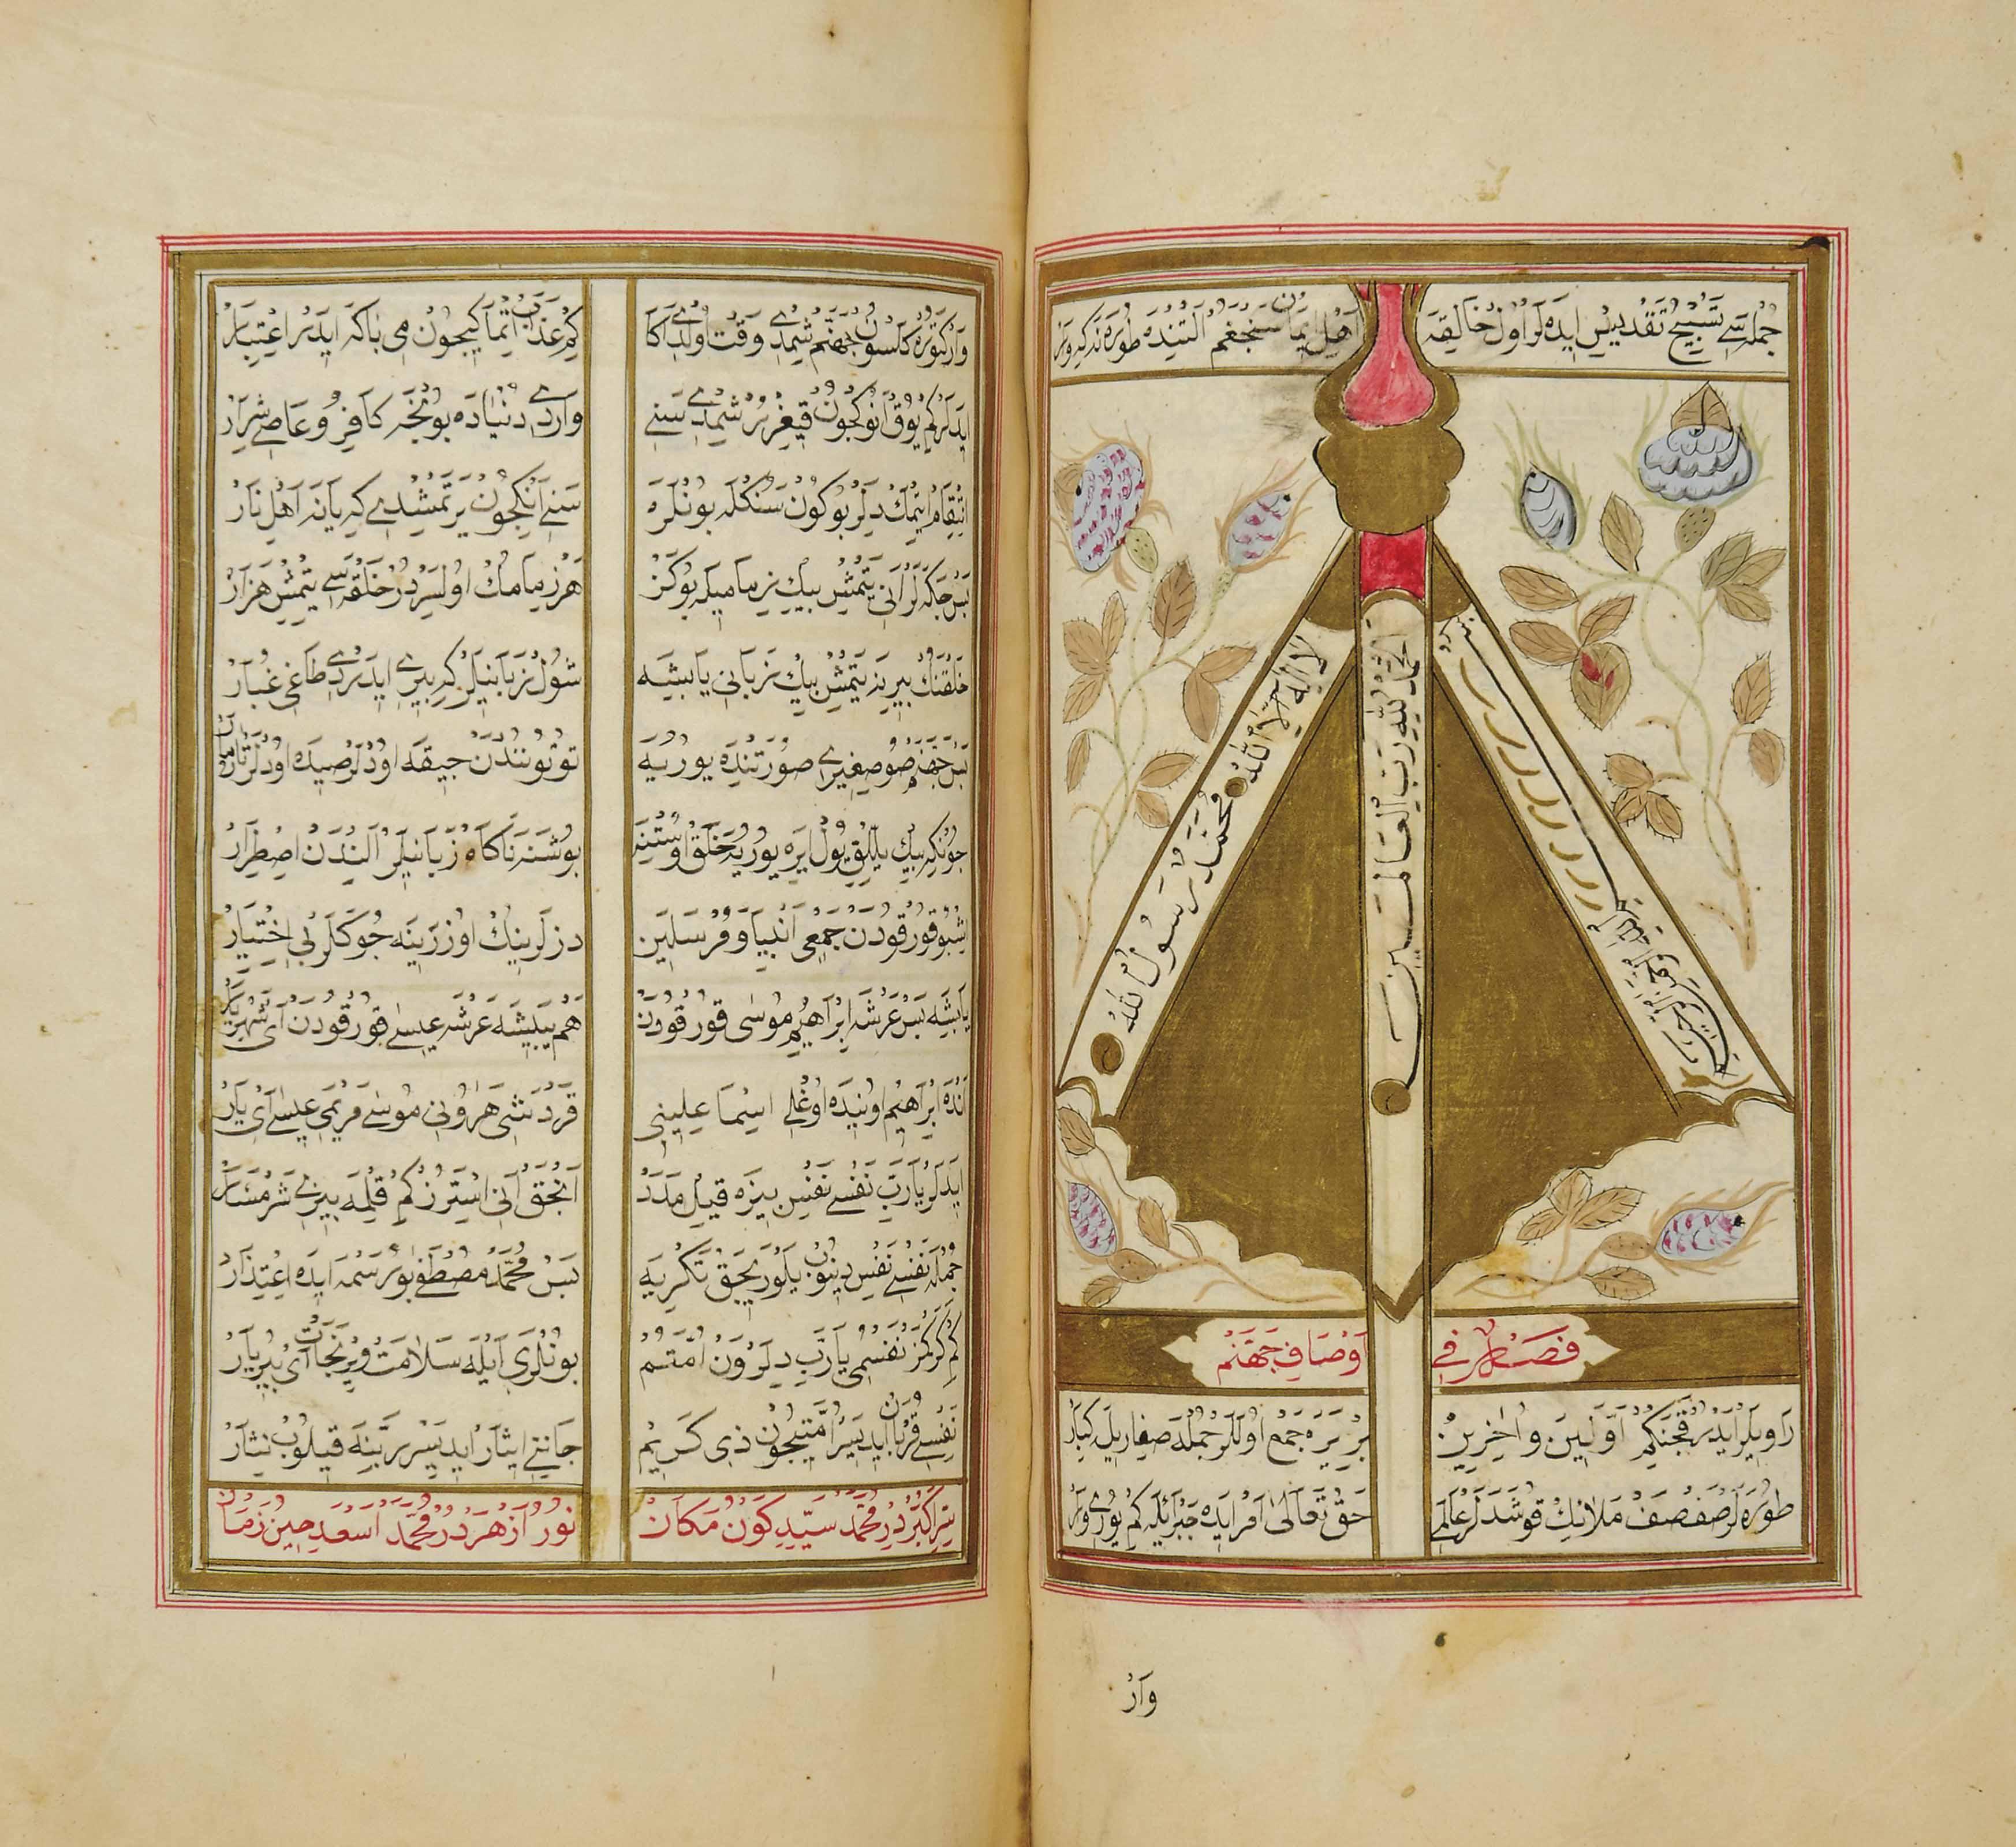 AL-RISALA AL-MUHAMMADIYA